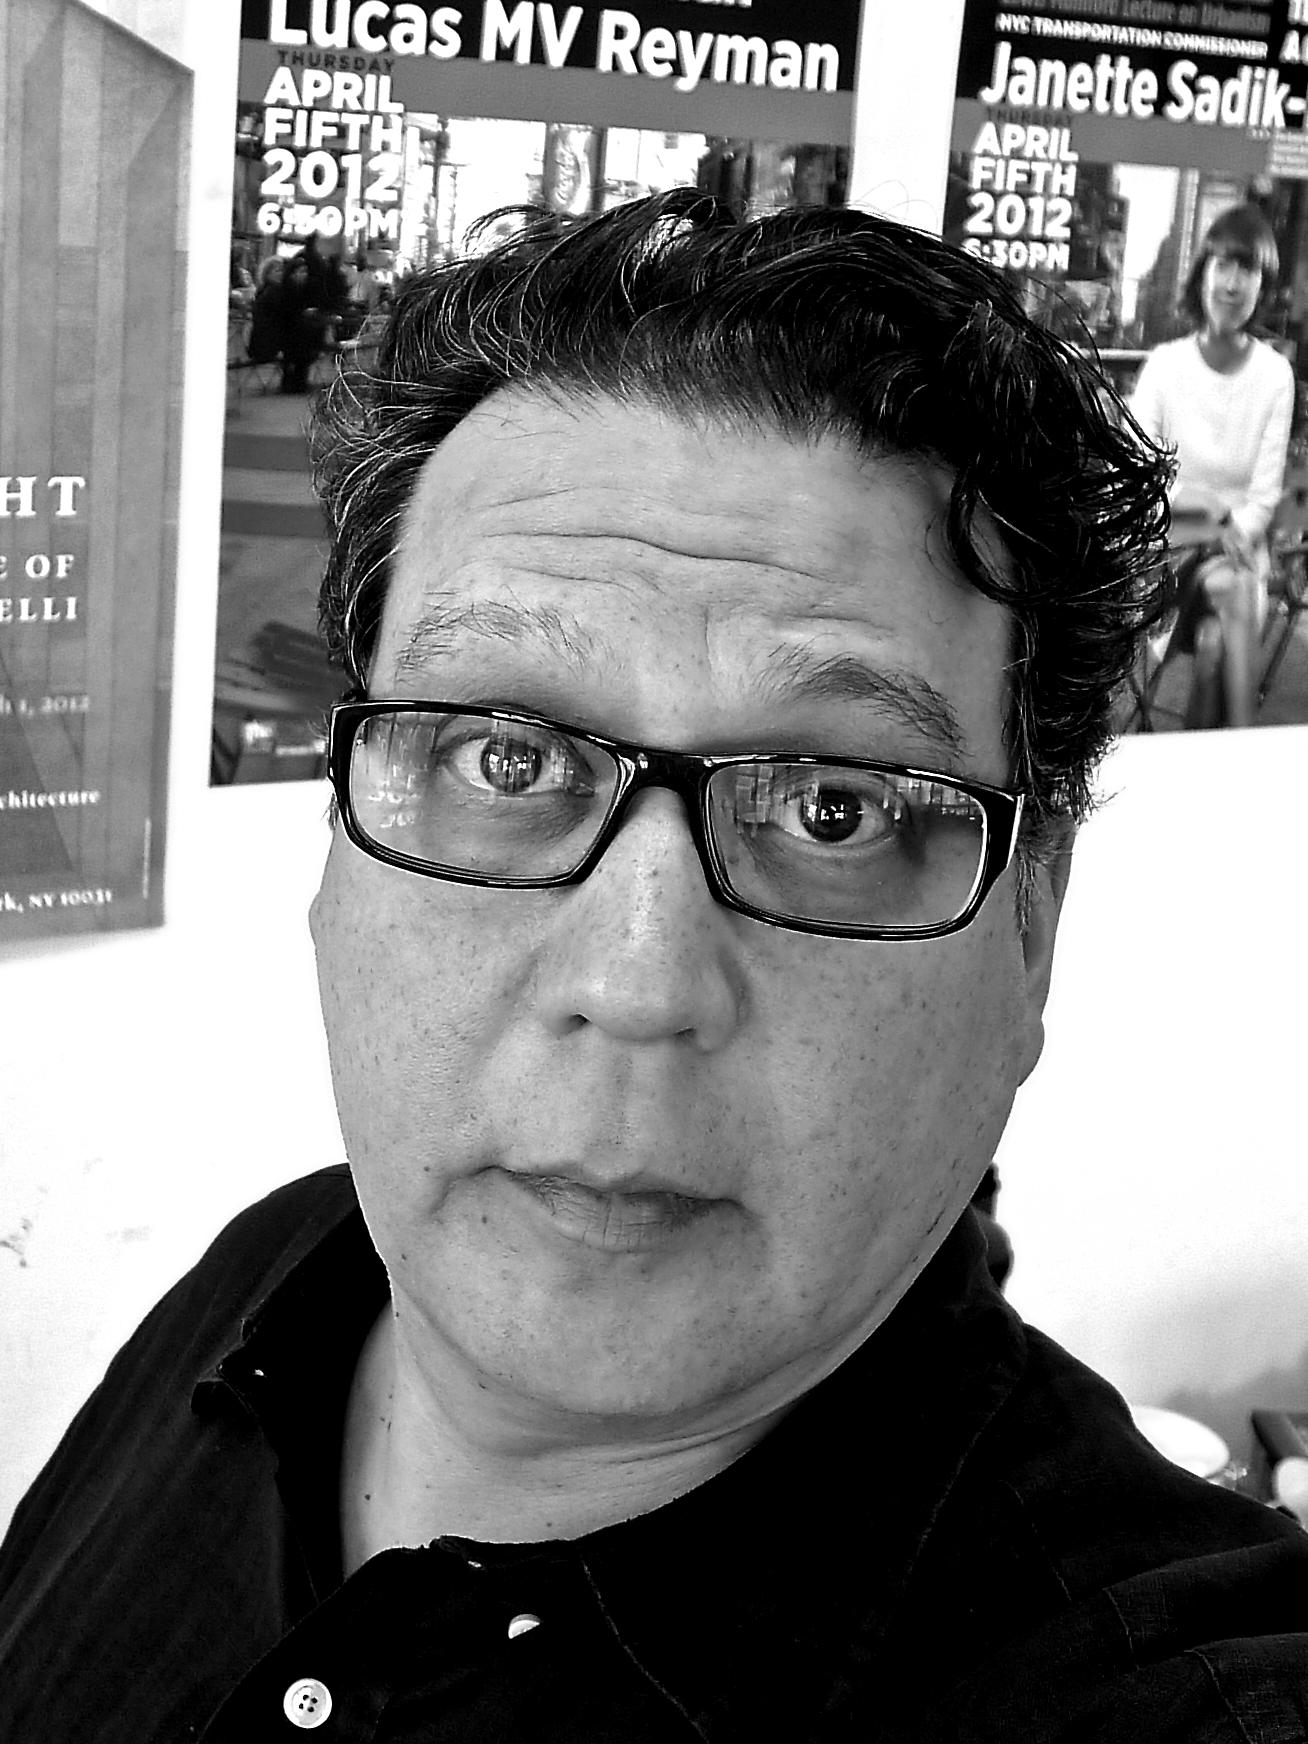 James Reyman, Principal / Creative Director